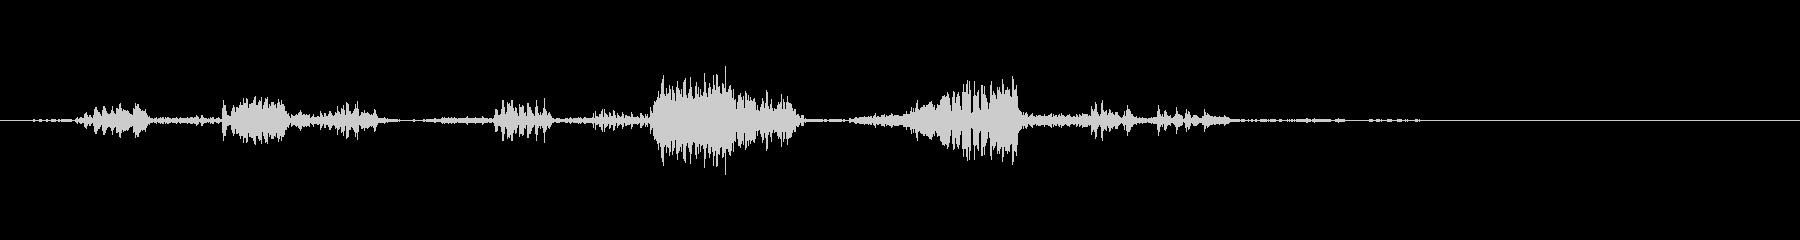 小型ロボットが喋っている声の未再生の波形